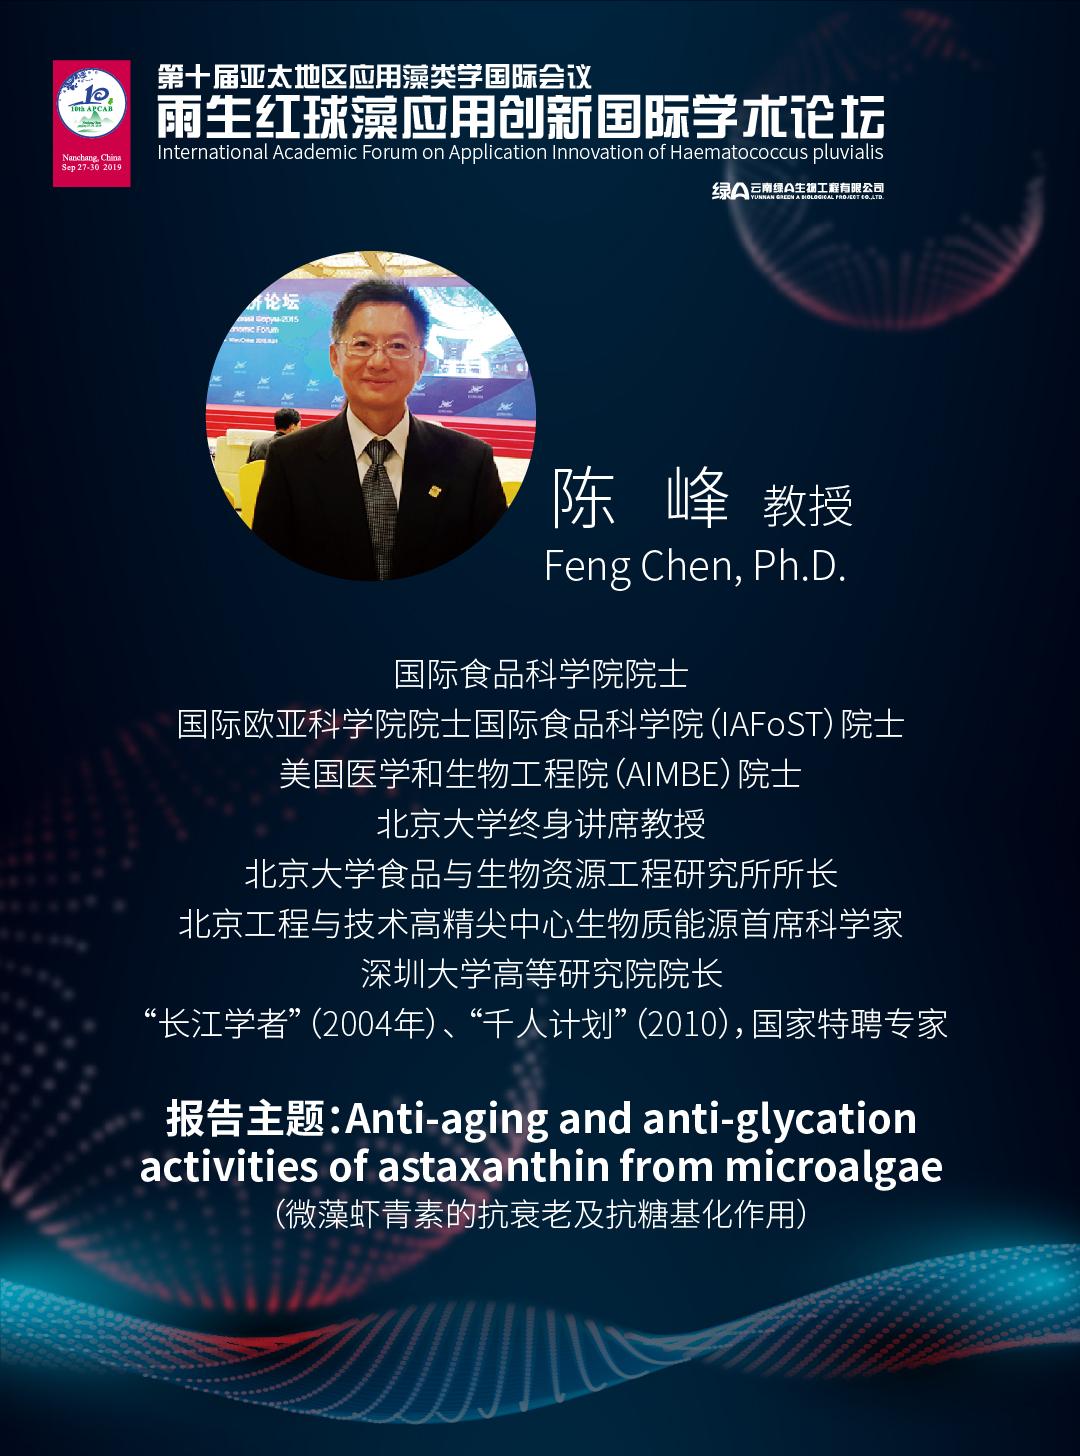 陈峰 博士 国际食品科学院院士、国际欧亚科学院院士、深圳大学高等研究院院长